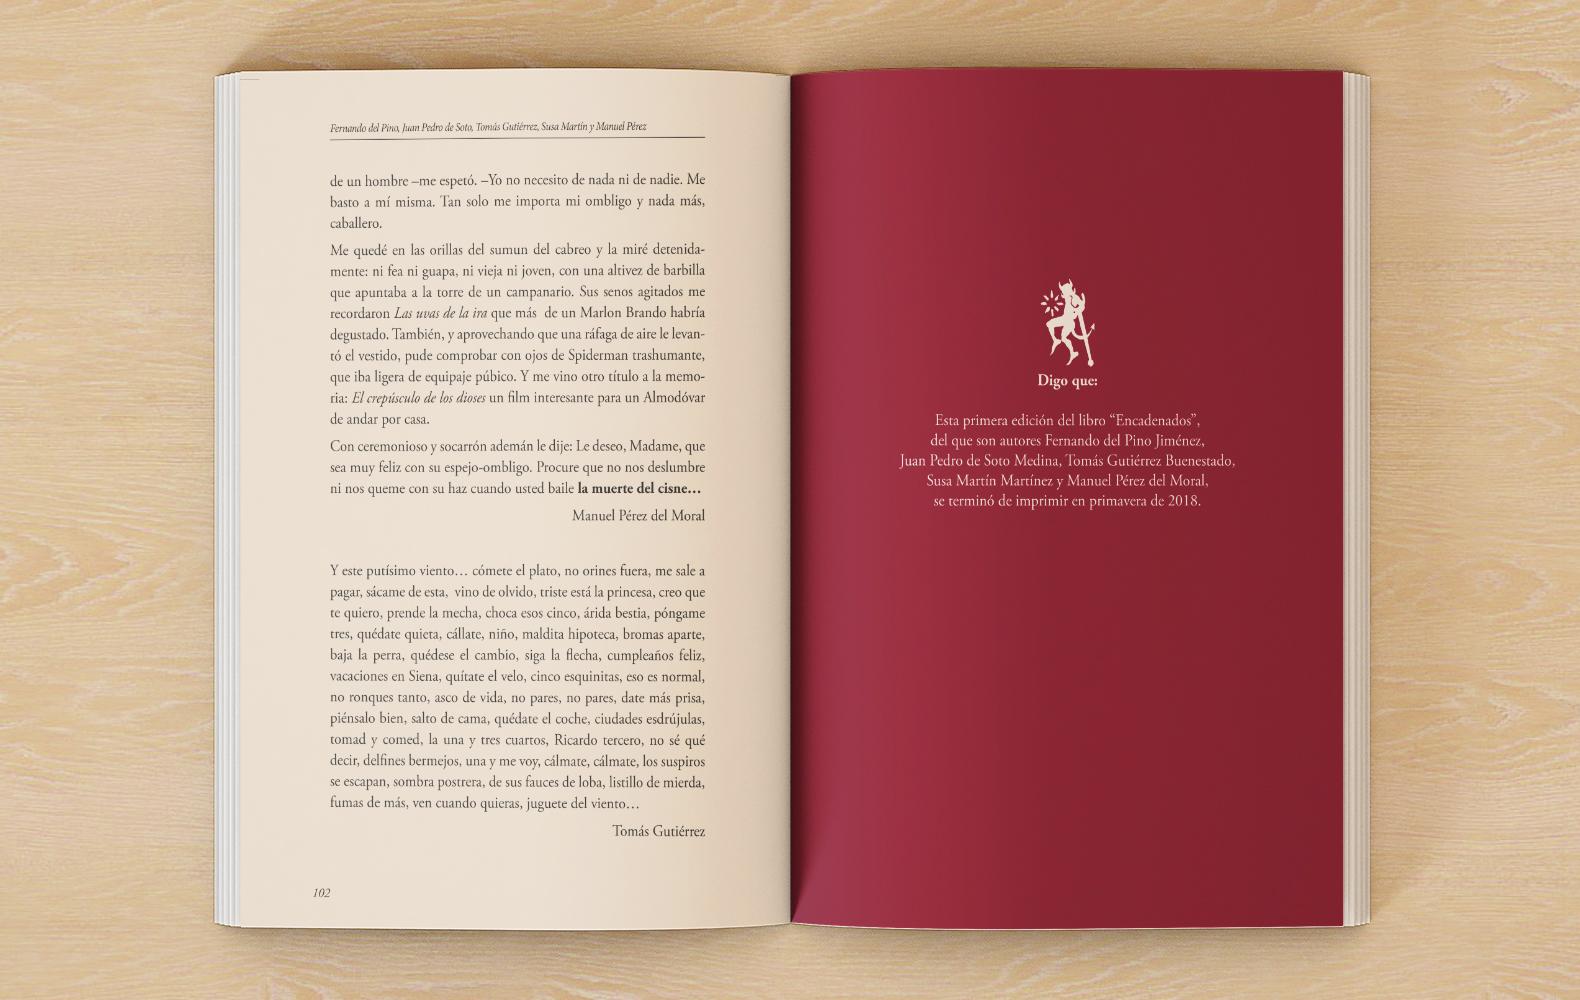 bliblioteca vélez de guevara libro abierto2